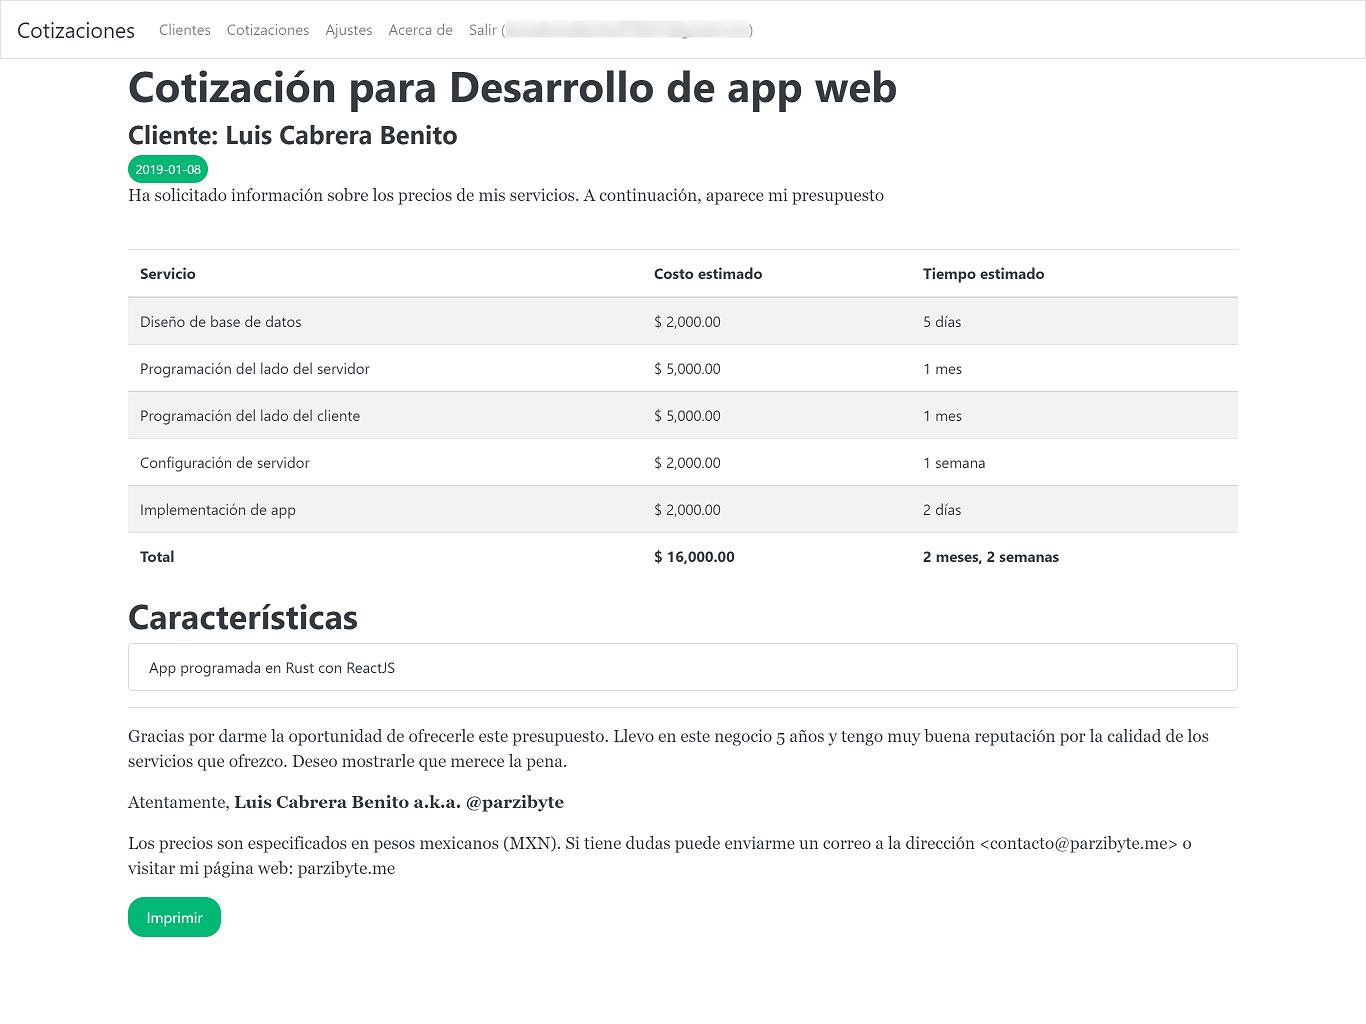 Sistema web para cotizaciones y presupuestos